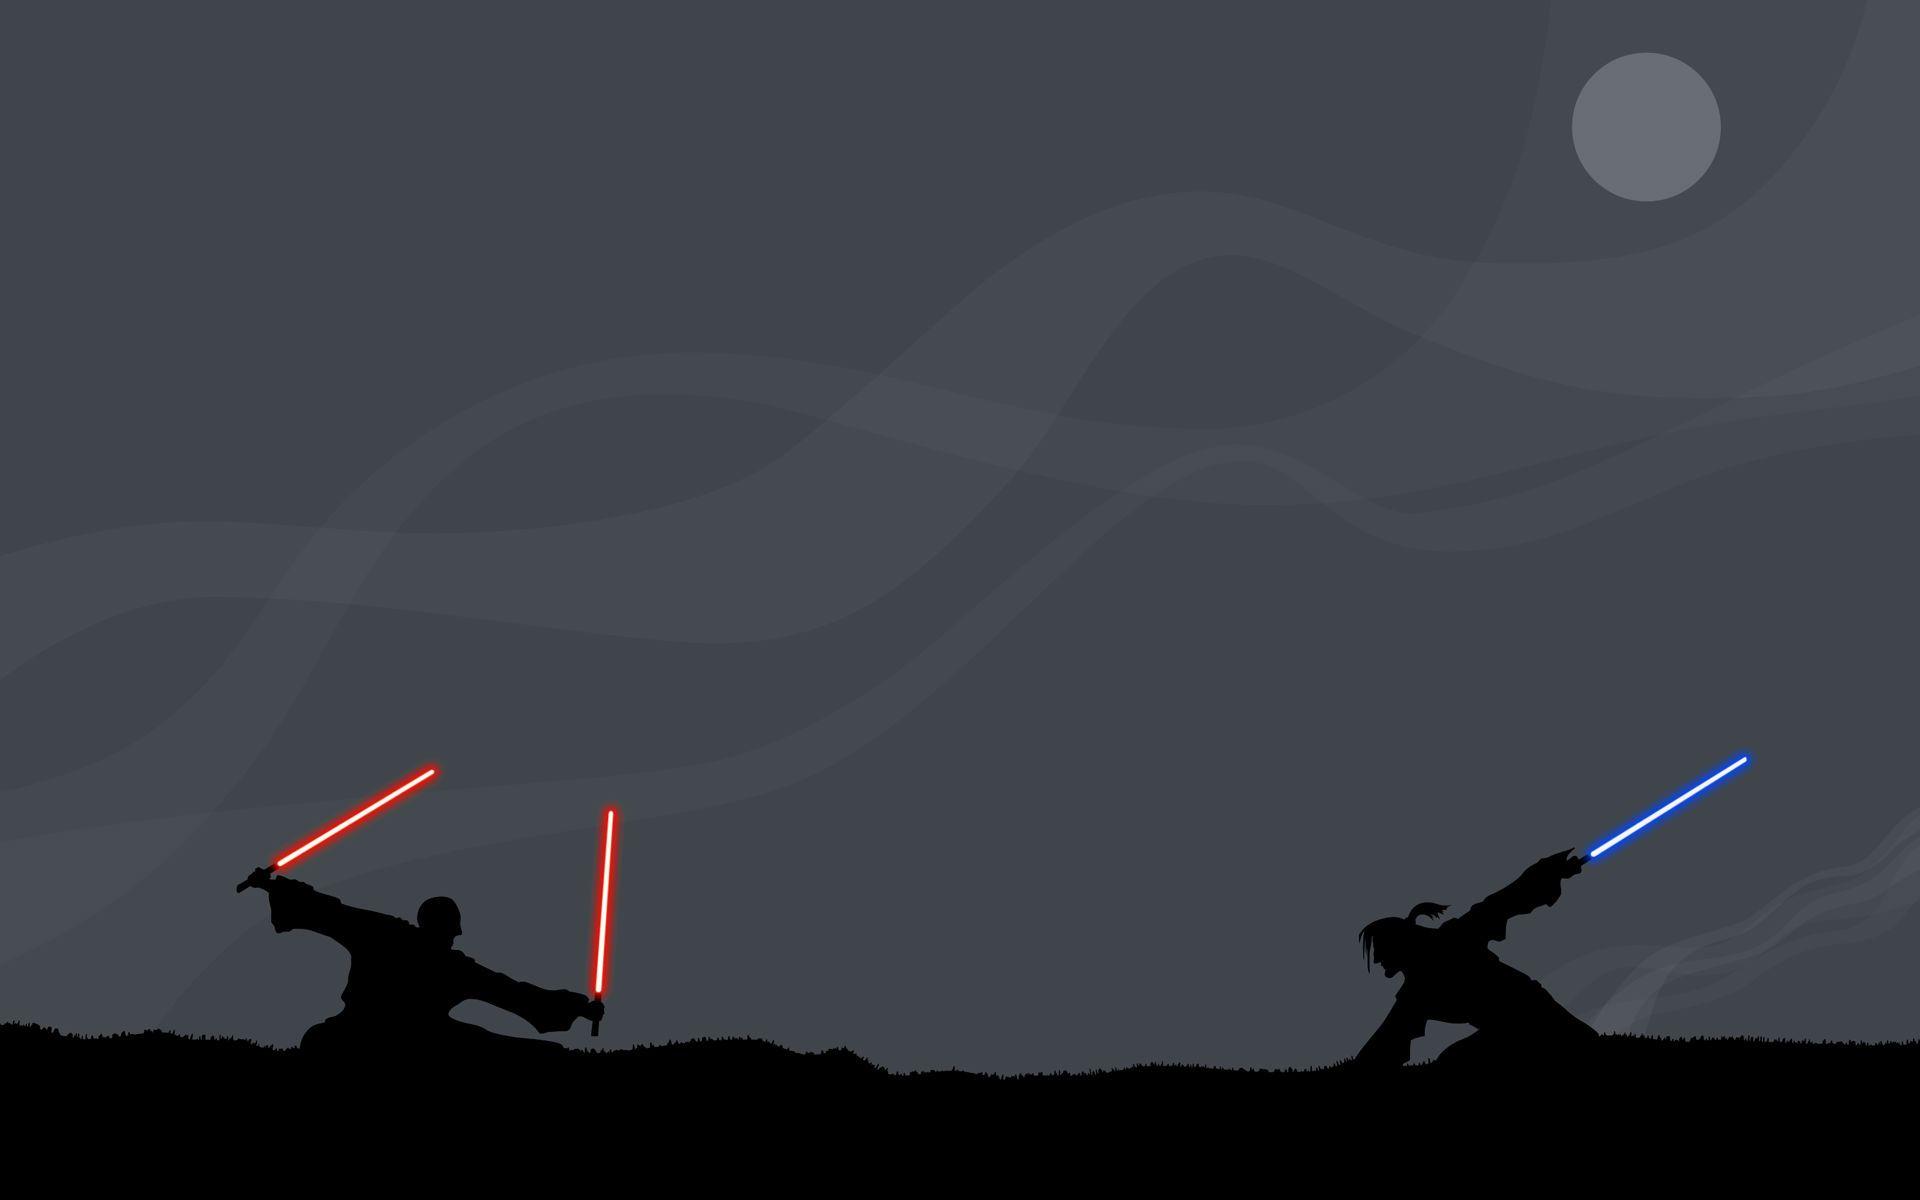 Star Wars Computer Wallpapers Desktop Backgrounds 1920x1200 Id 91004 Star Wars Wallpaper Ultimate Star Wars Star Wars Games